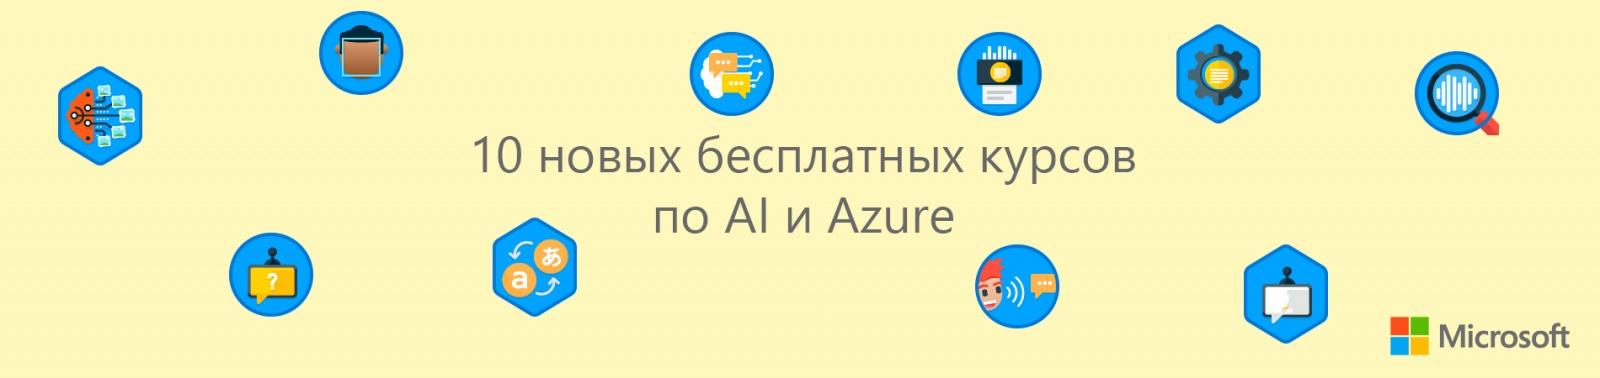 10 новых бесплатных курсов по когнитивным сервисам и Azure - 1